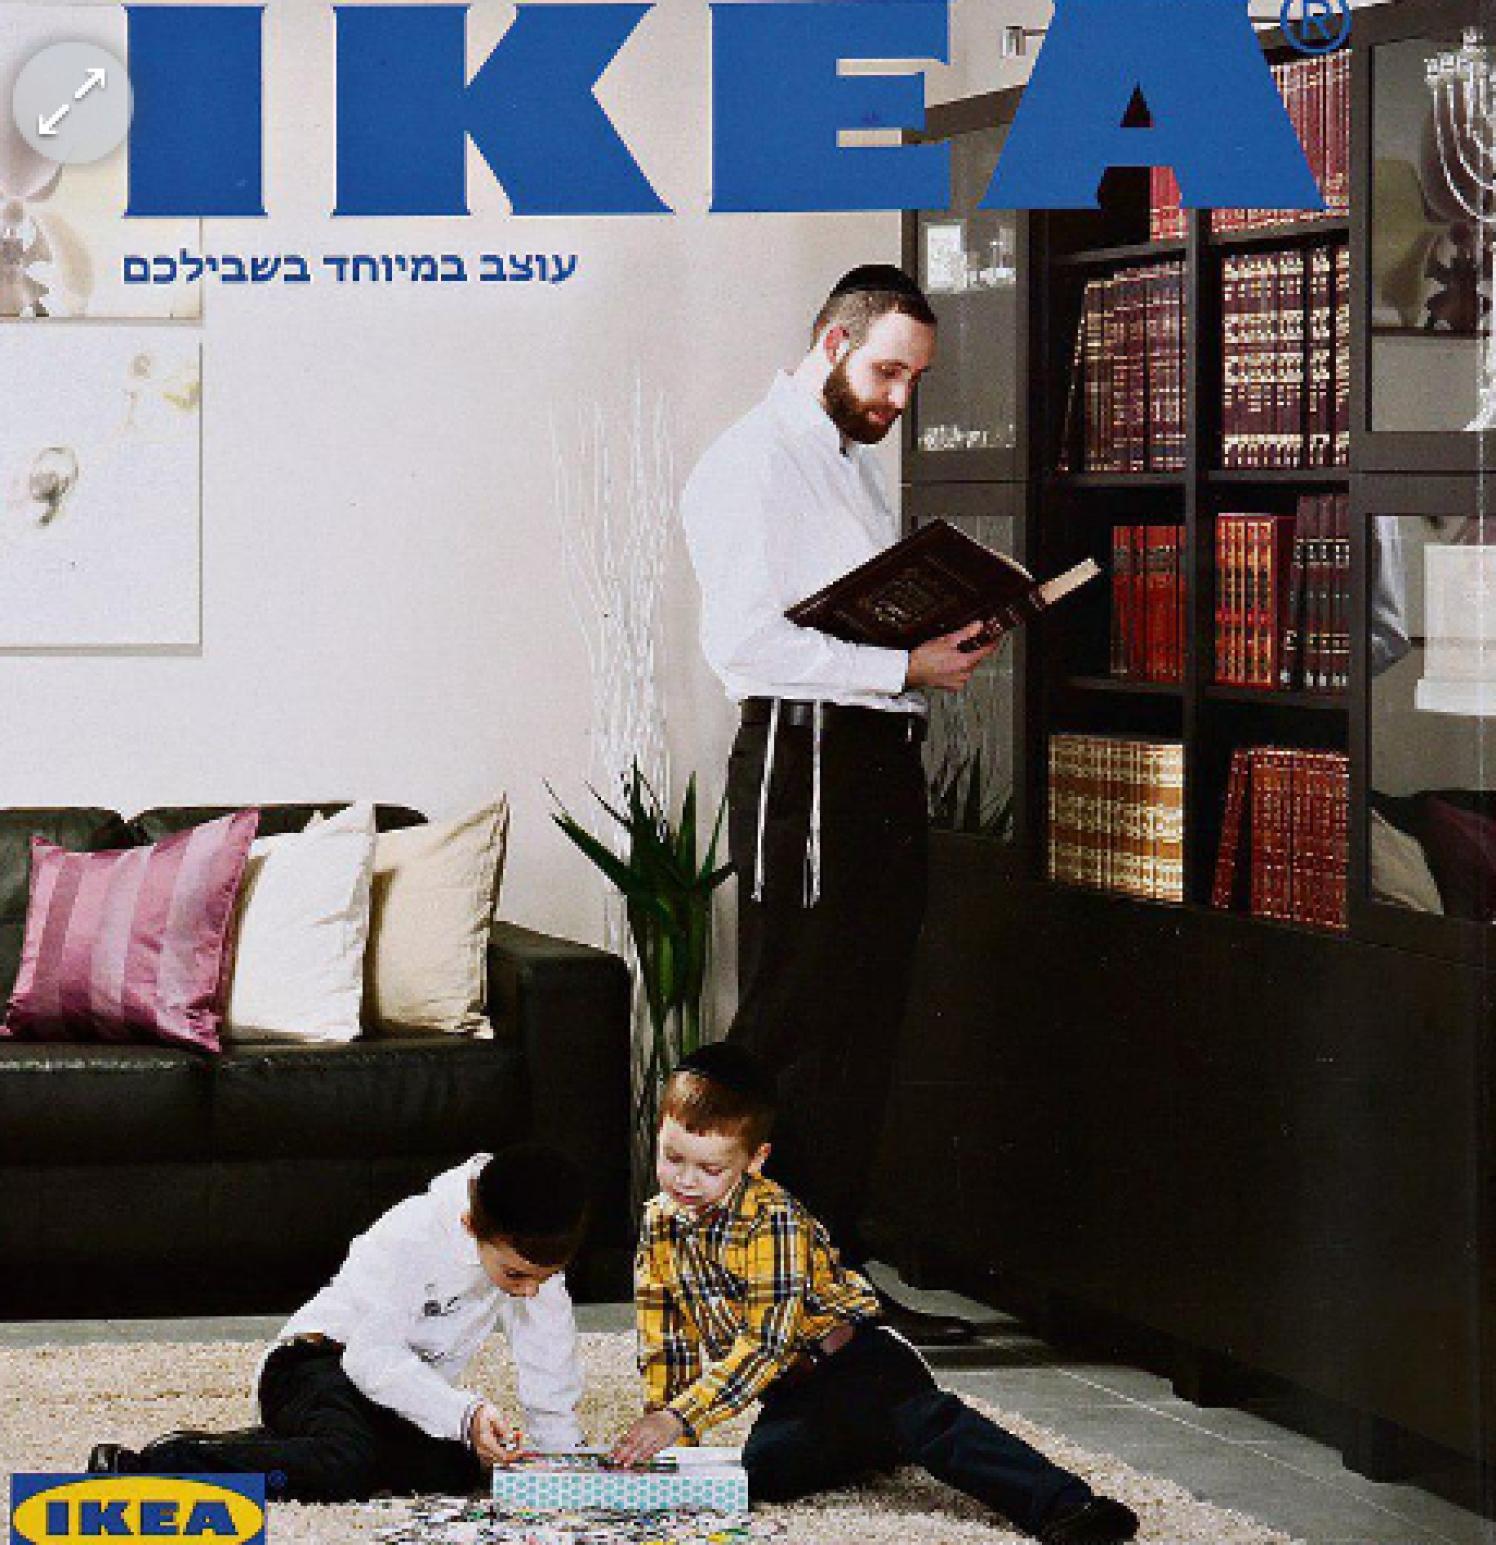 Ikea Entschuldigt Sich Für Orthodoxen Möbelkatalog Hpd